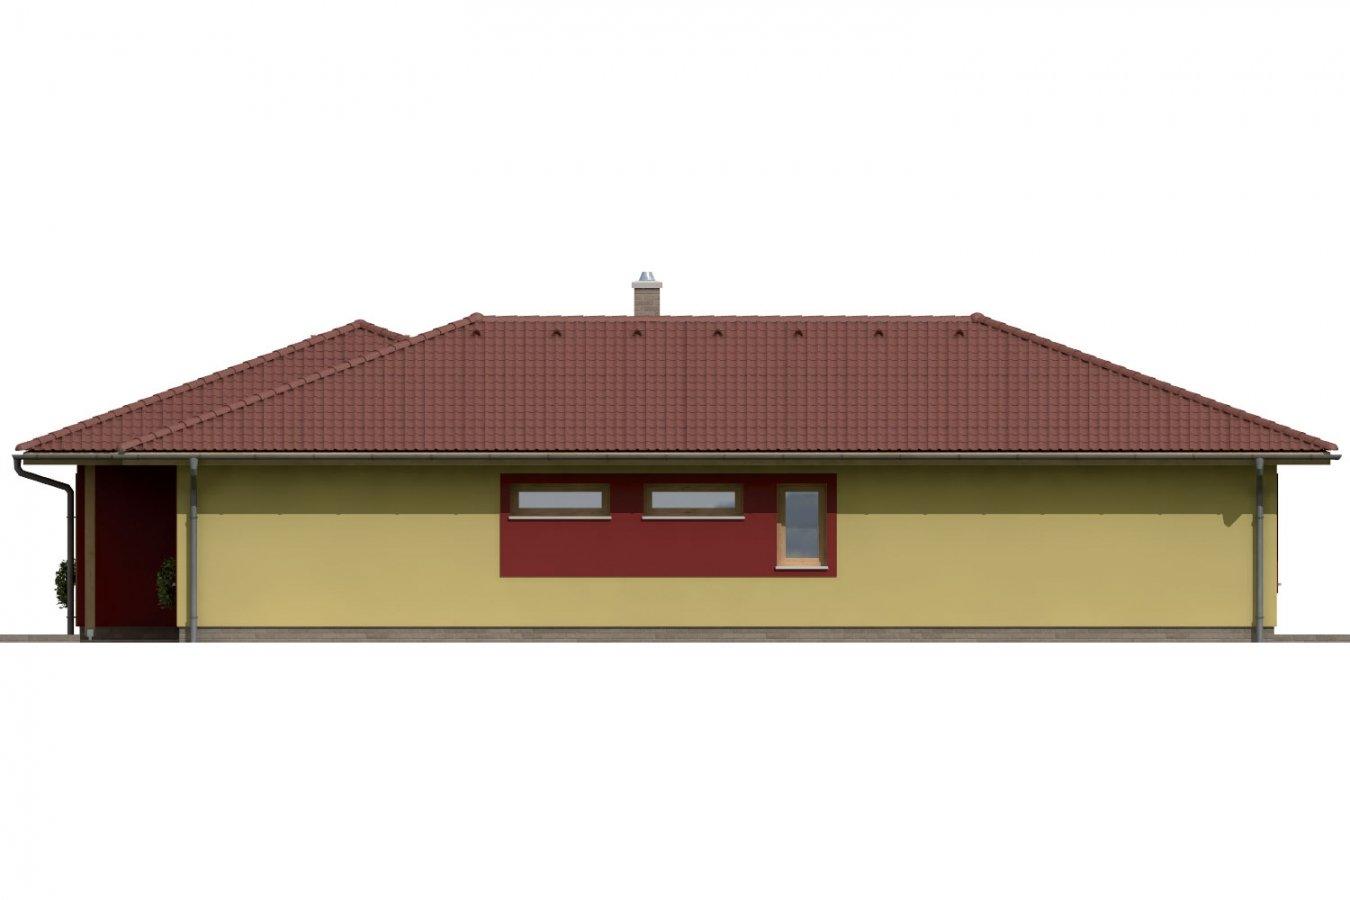 Pohľad 4. - Dom do L s dvomi garážami